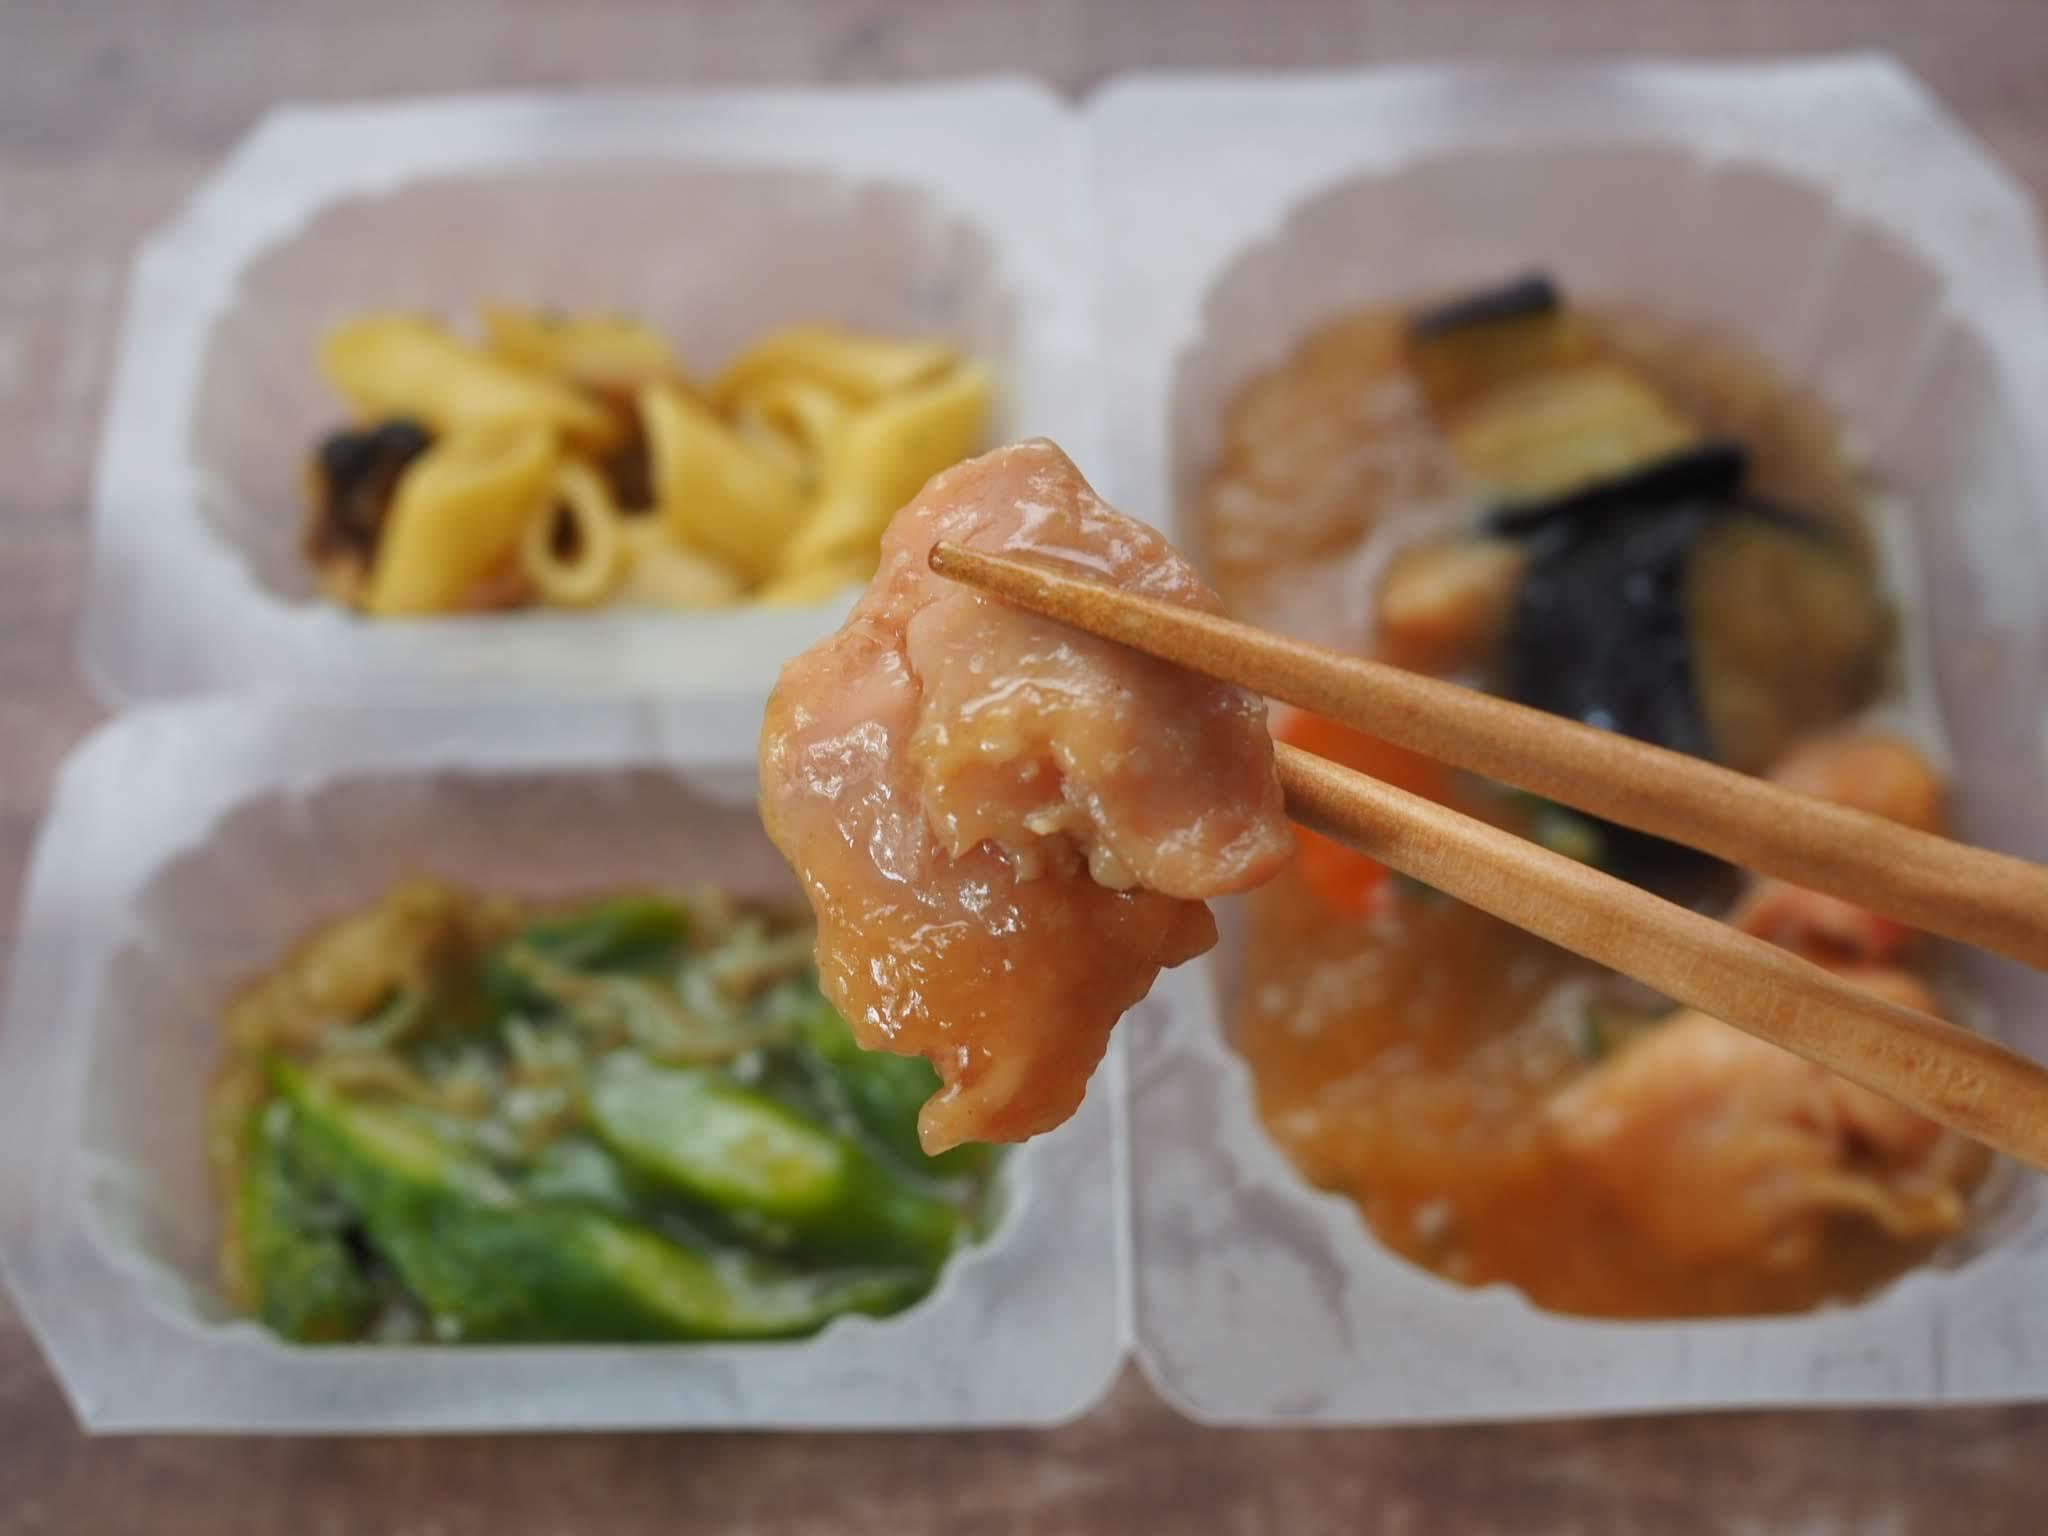 【口コミ体験談】おまかせ健康三彩の「カロリーコントロールコース」を実際に食べてみた